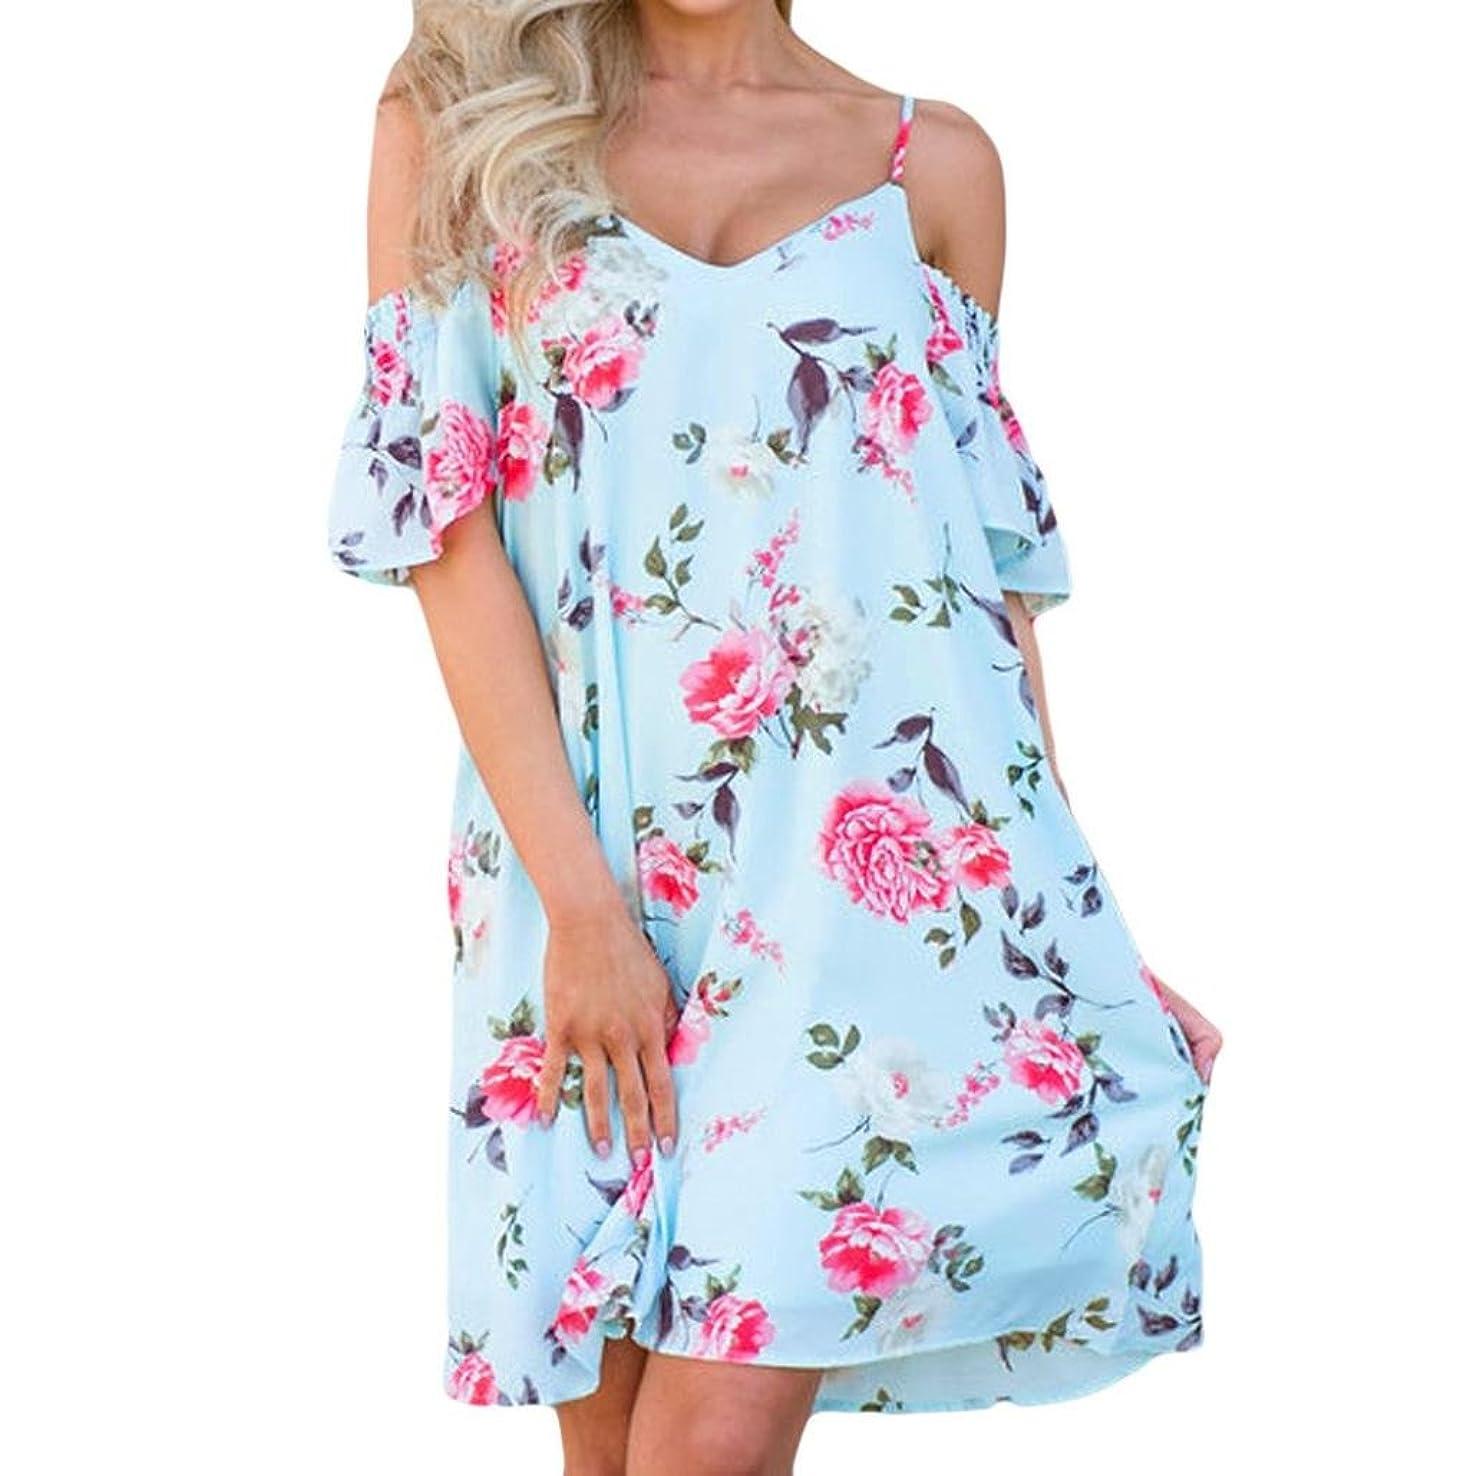 追い出す考えた糸SakuraBest Women's Summer Print Spaghetti Strap Flounce Loose Swing Midi Dress (M, Blue)